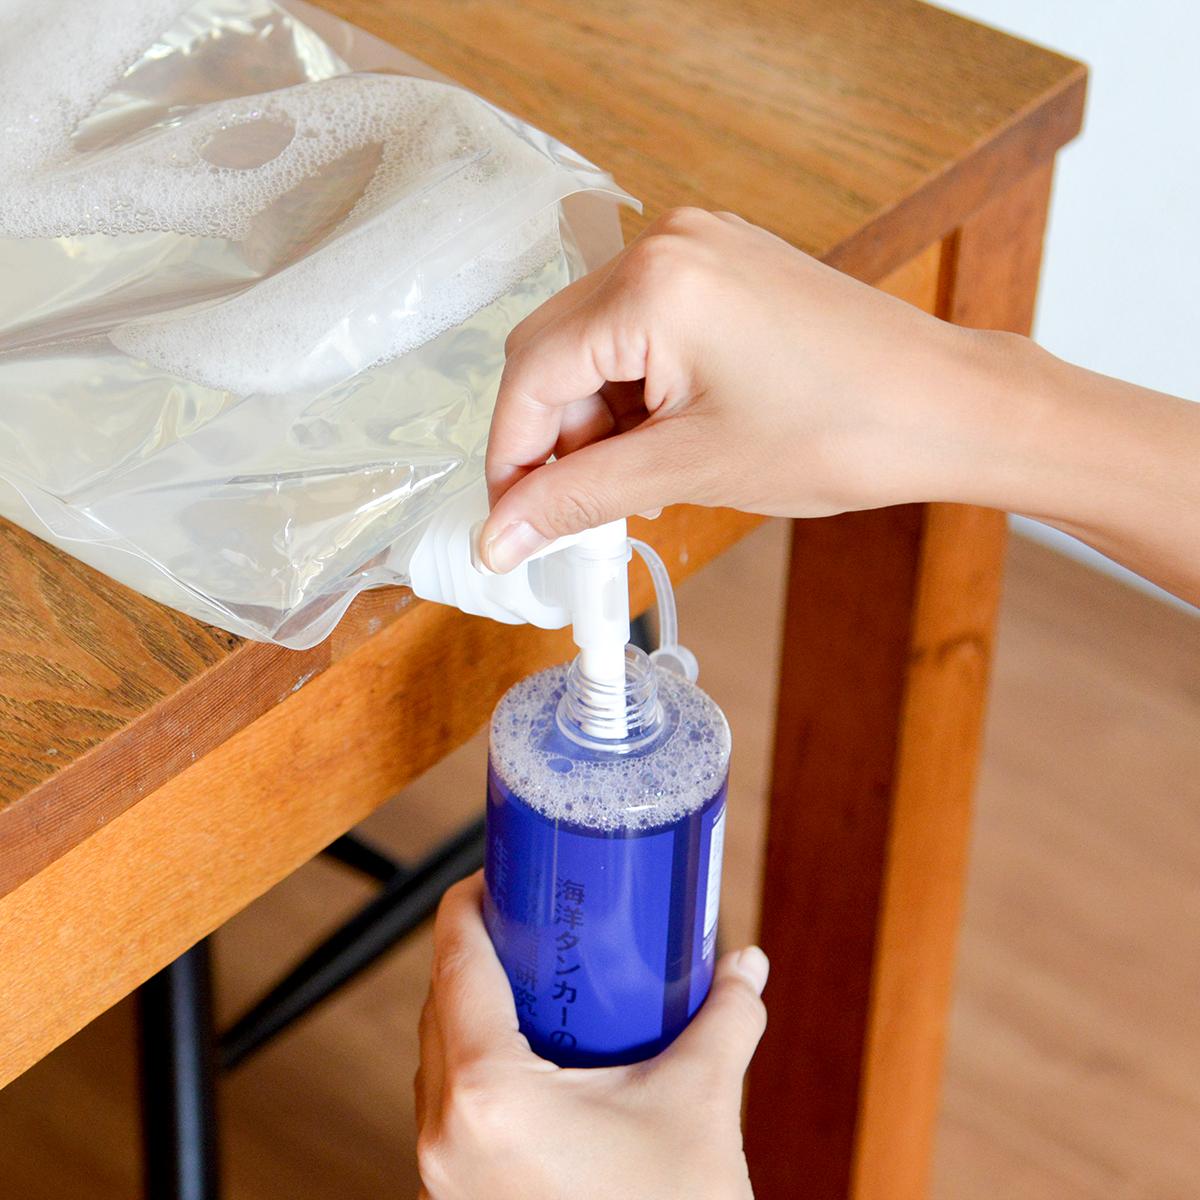 これ一つで綿もシルクもカシミヤも洗える。キャップ計量も計量なし・ベタつき知らずの環境に優しい洗剤|海へ…Step